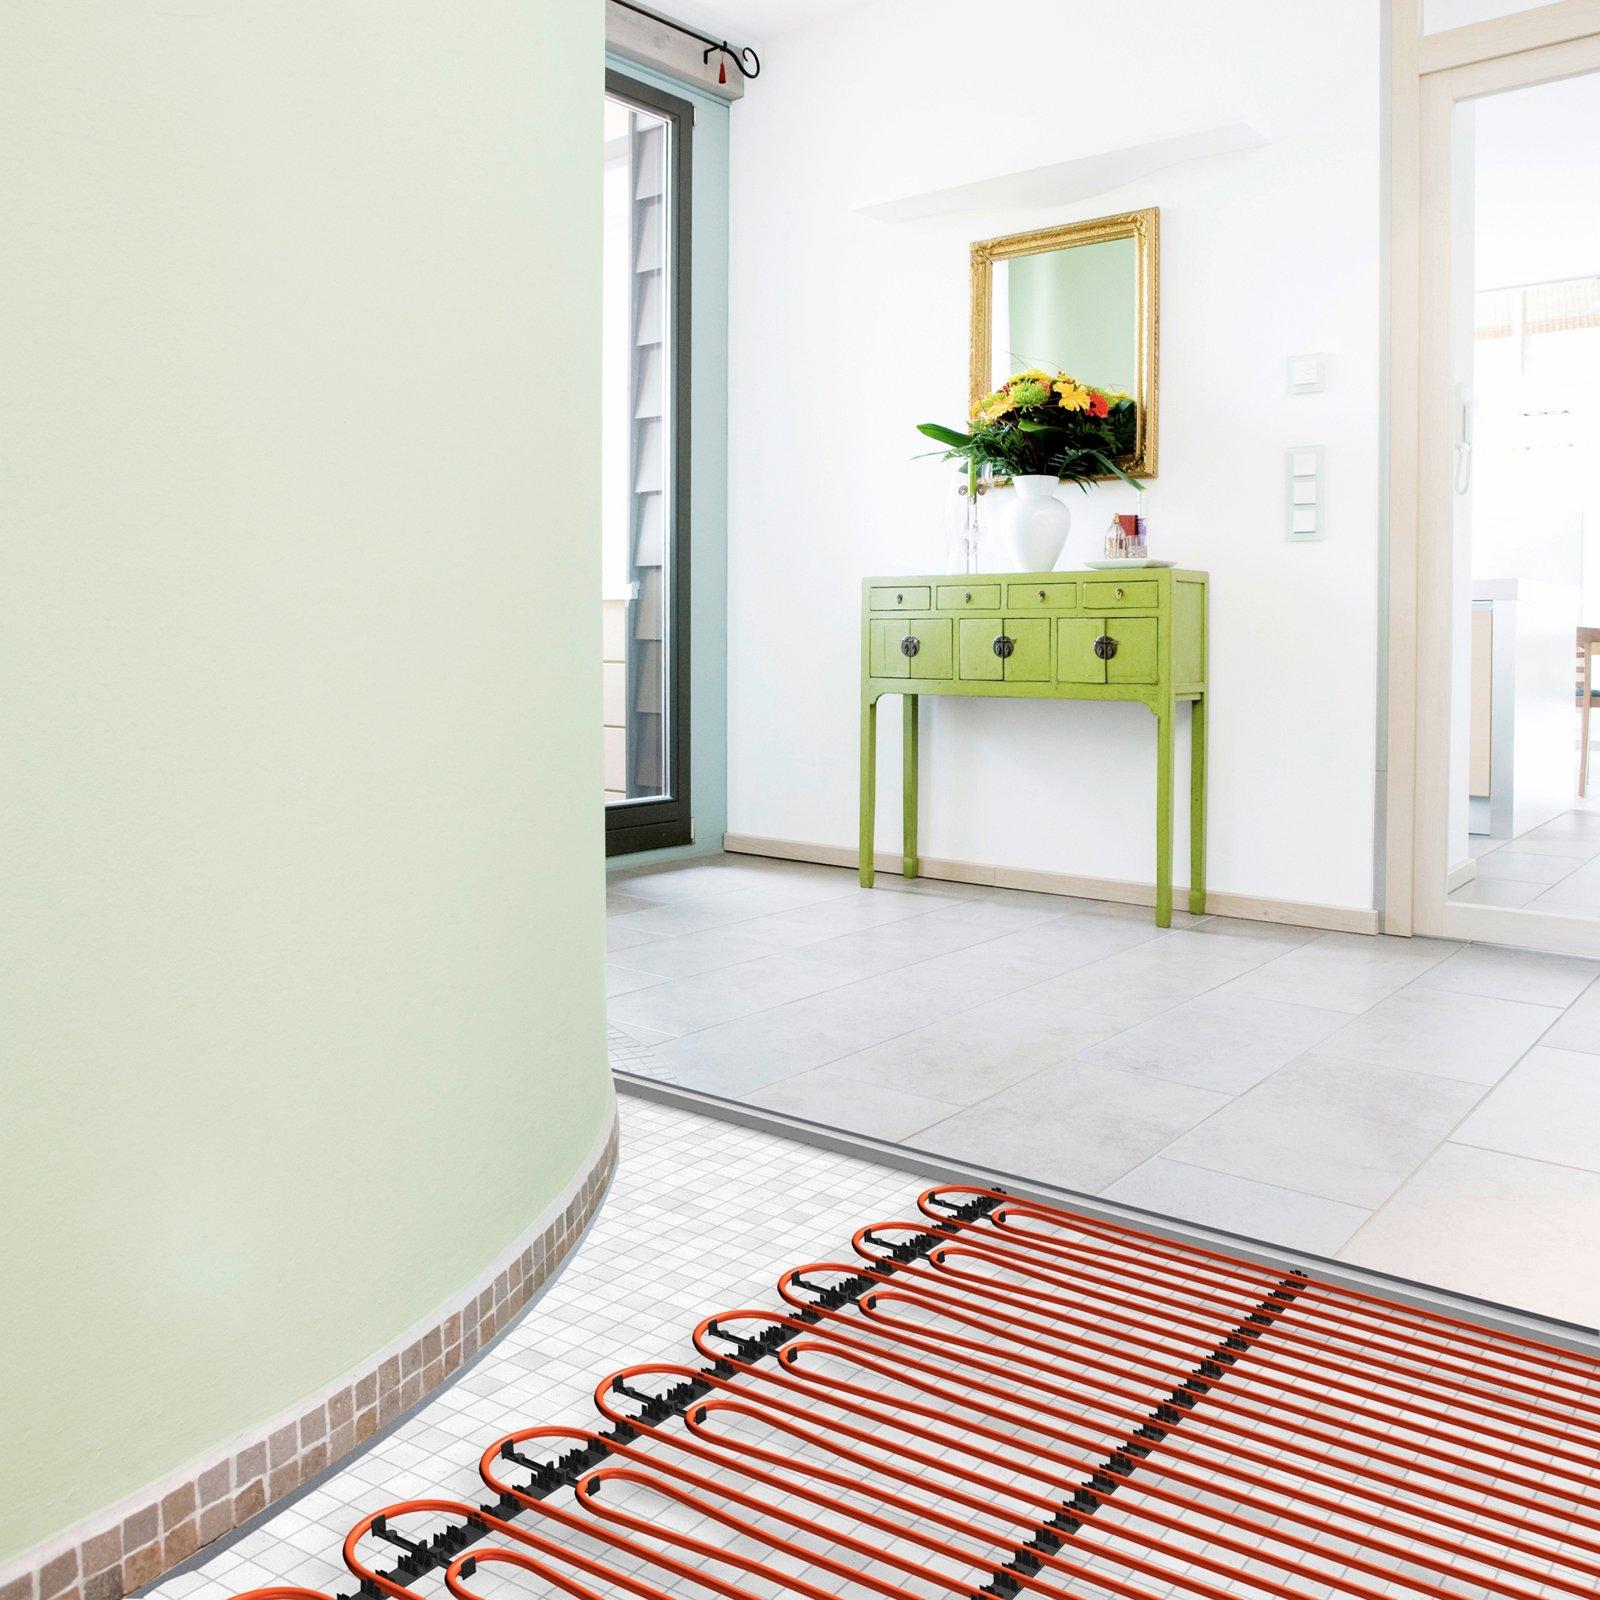 Pannelli radianti alto rendimento bassi consumi cose di casa - Riscaldamento pannelli radianti a parete ...